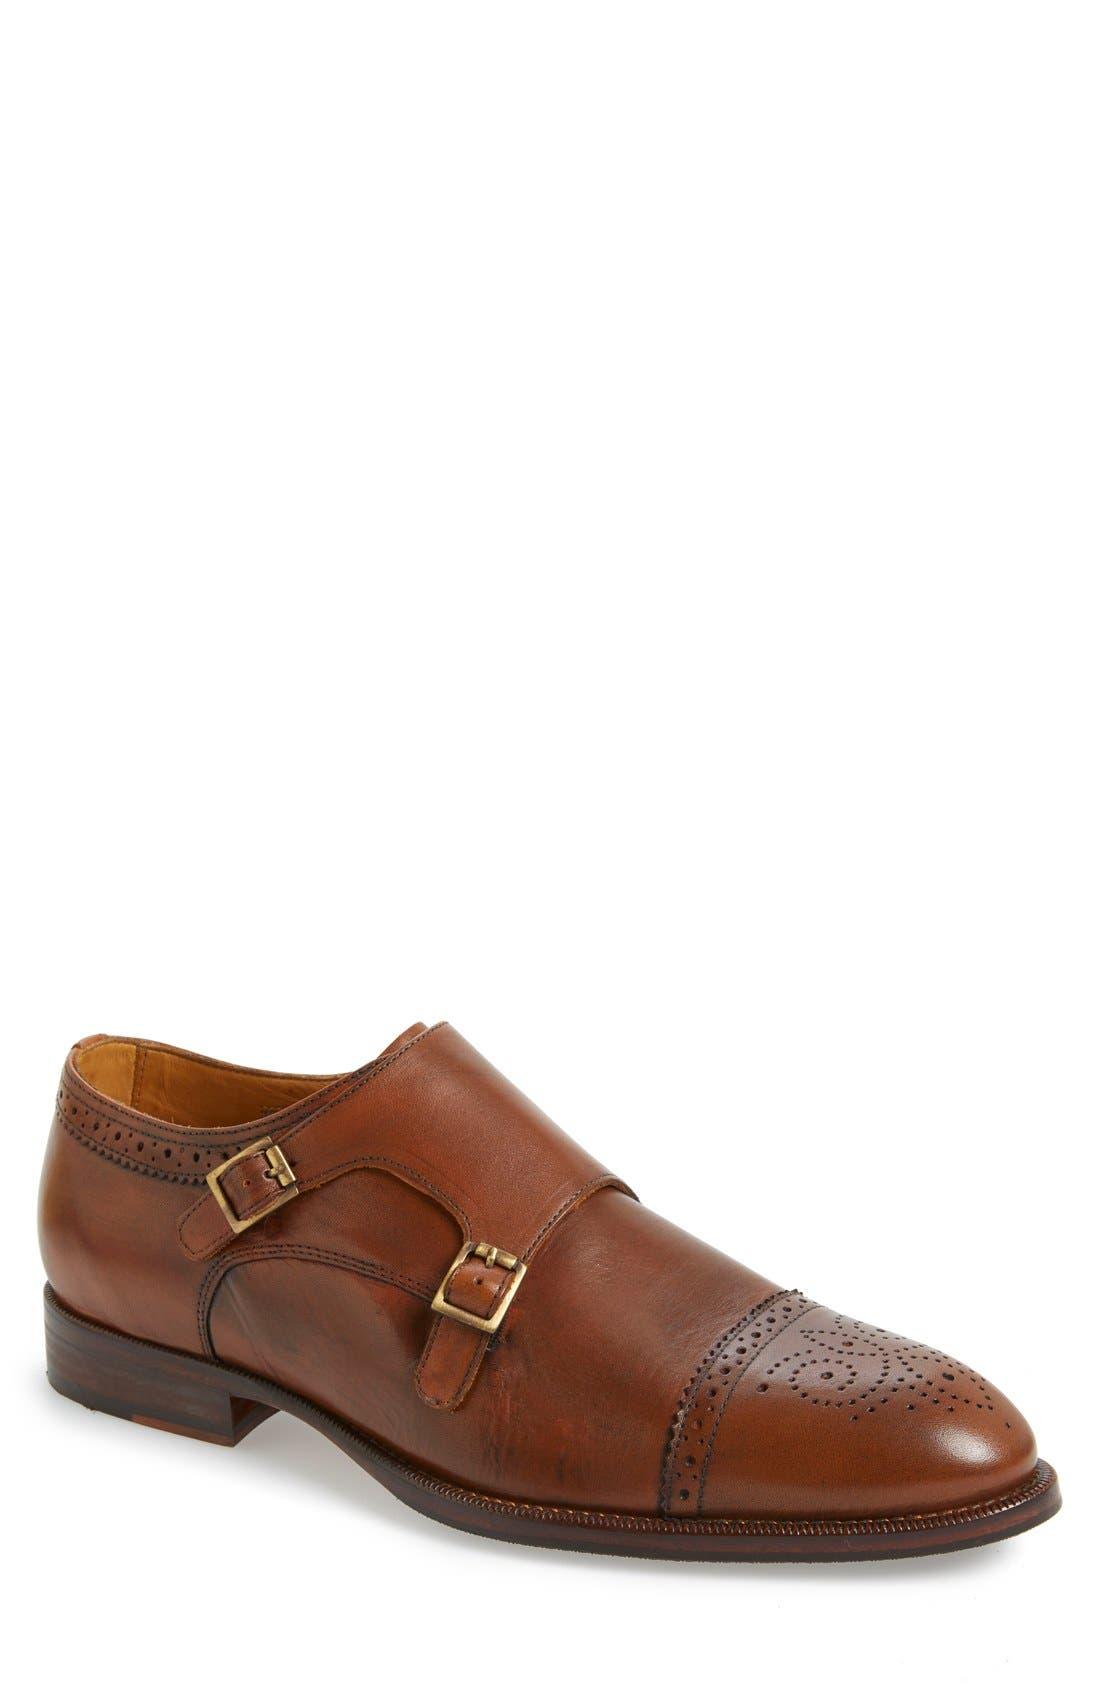 'Briant' Double Monk Strap Shoe,                             Main thumbnail 1, color,